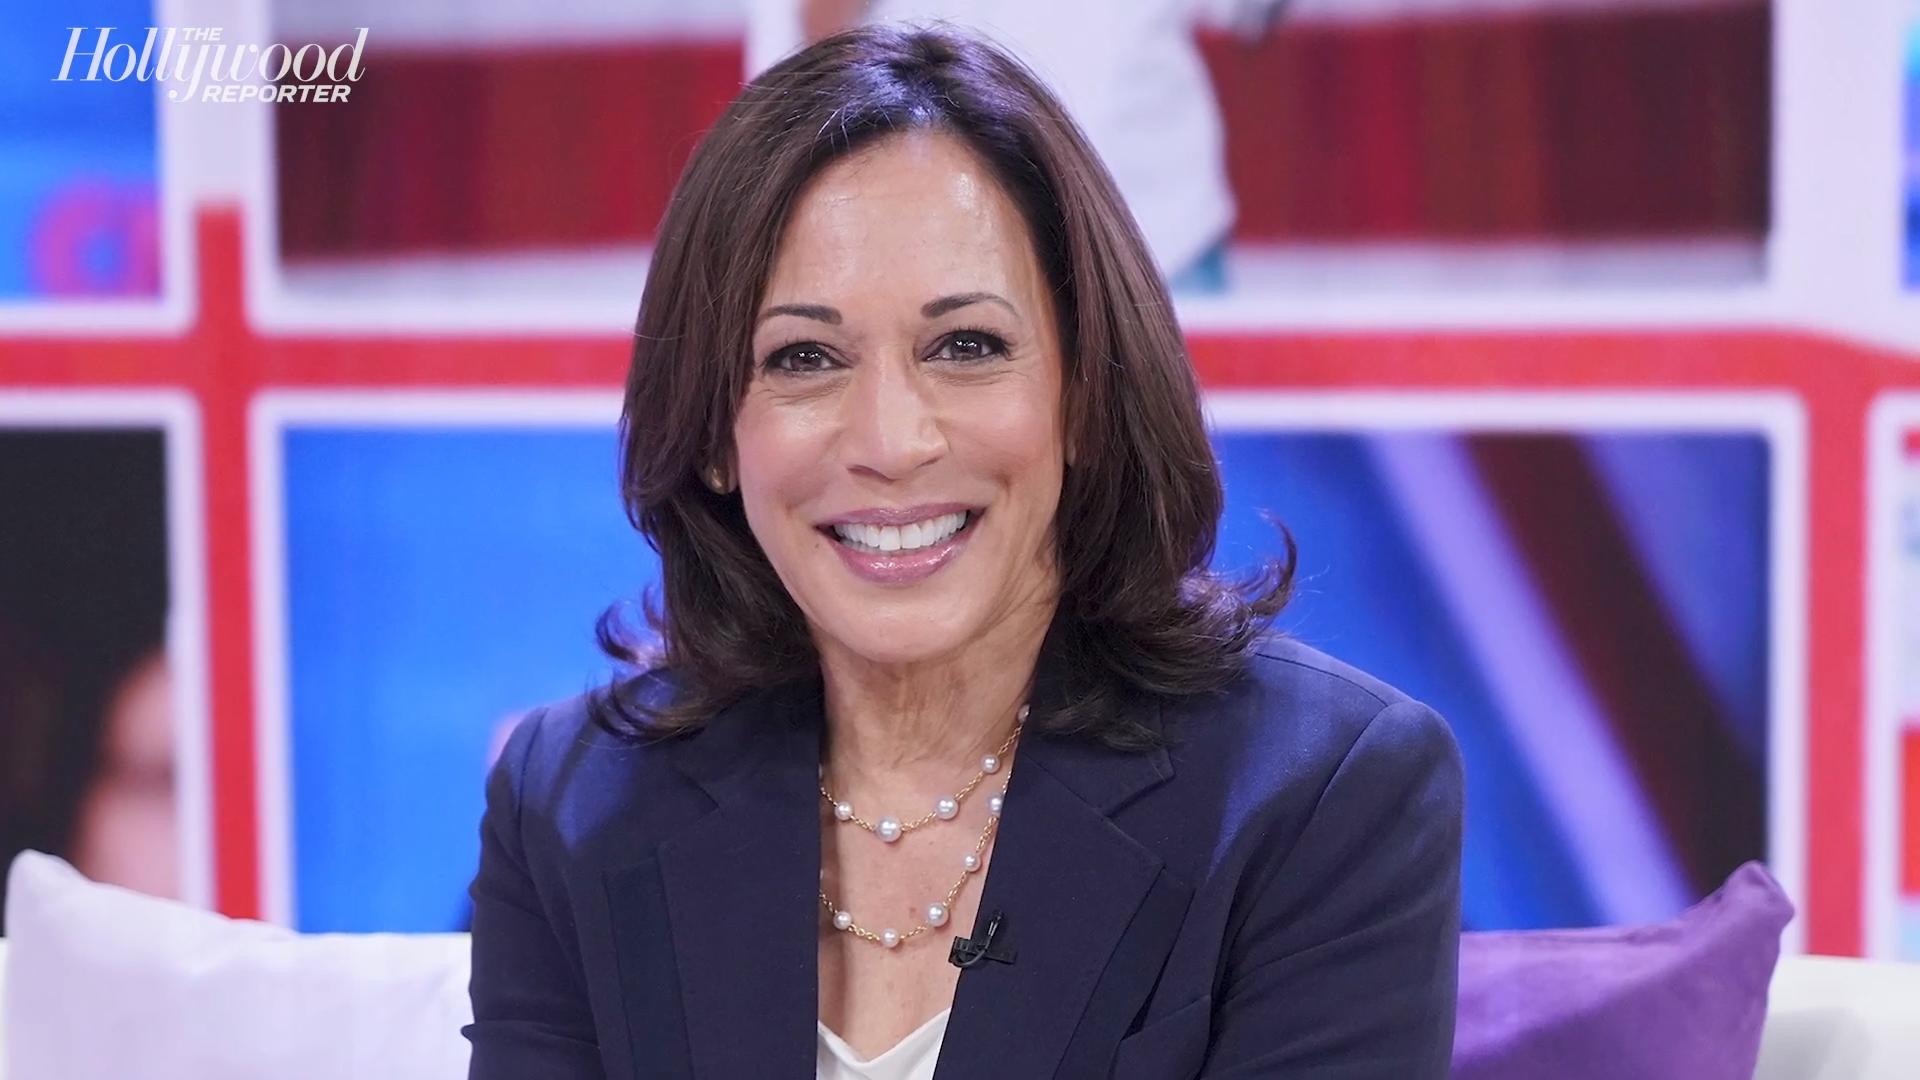 Joe Biden Picks California Sen. Kamala Harris as His Running Mate